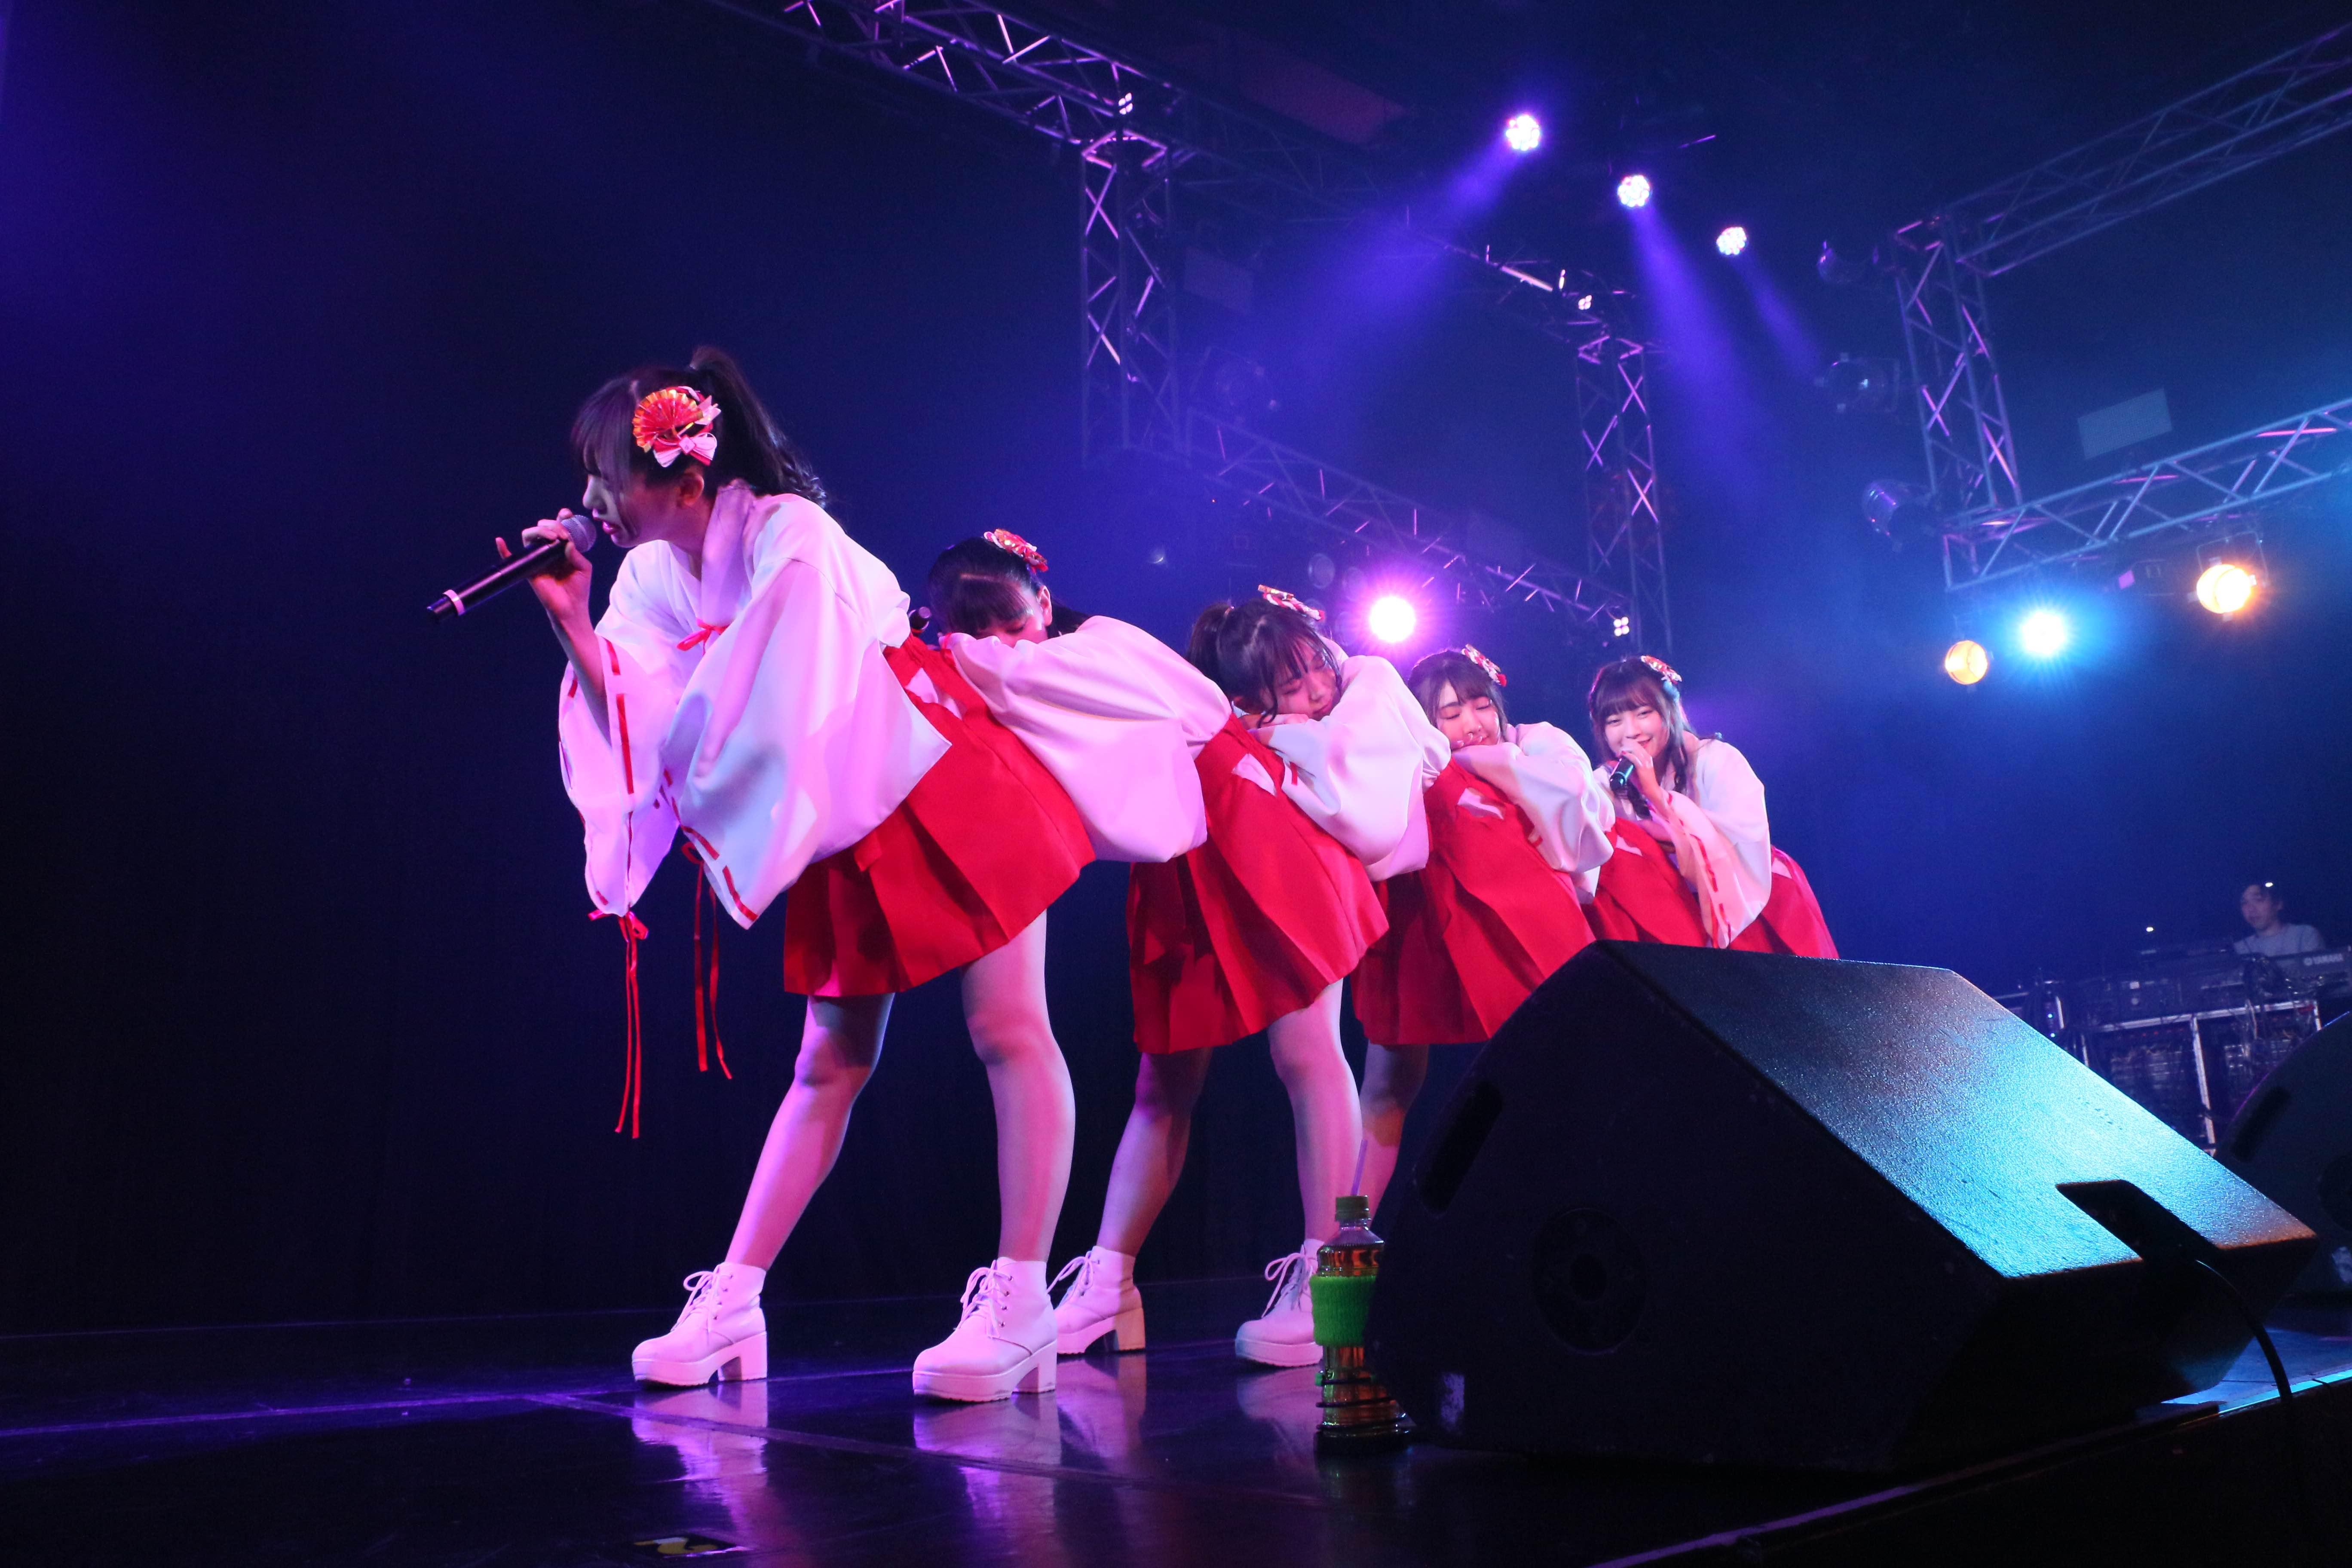 Wasuta Kanshasai 2019